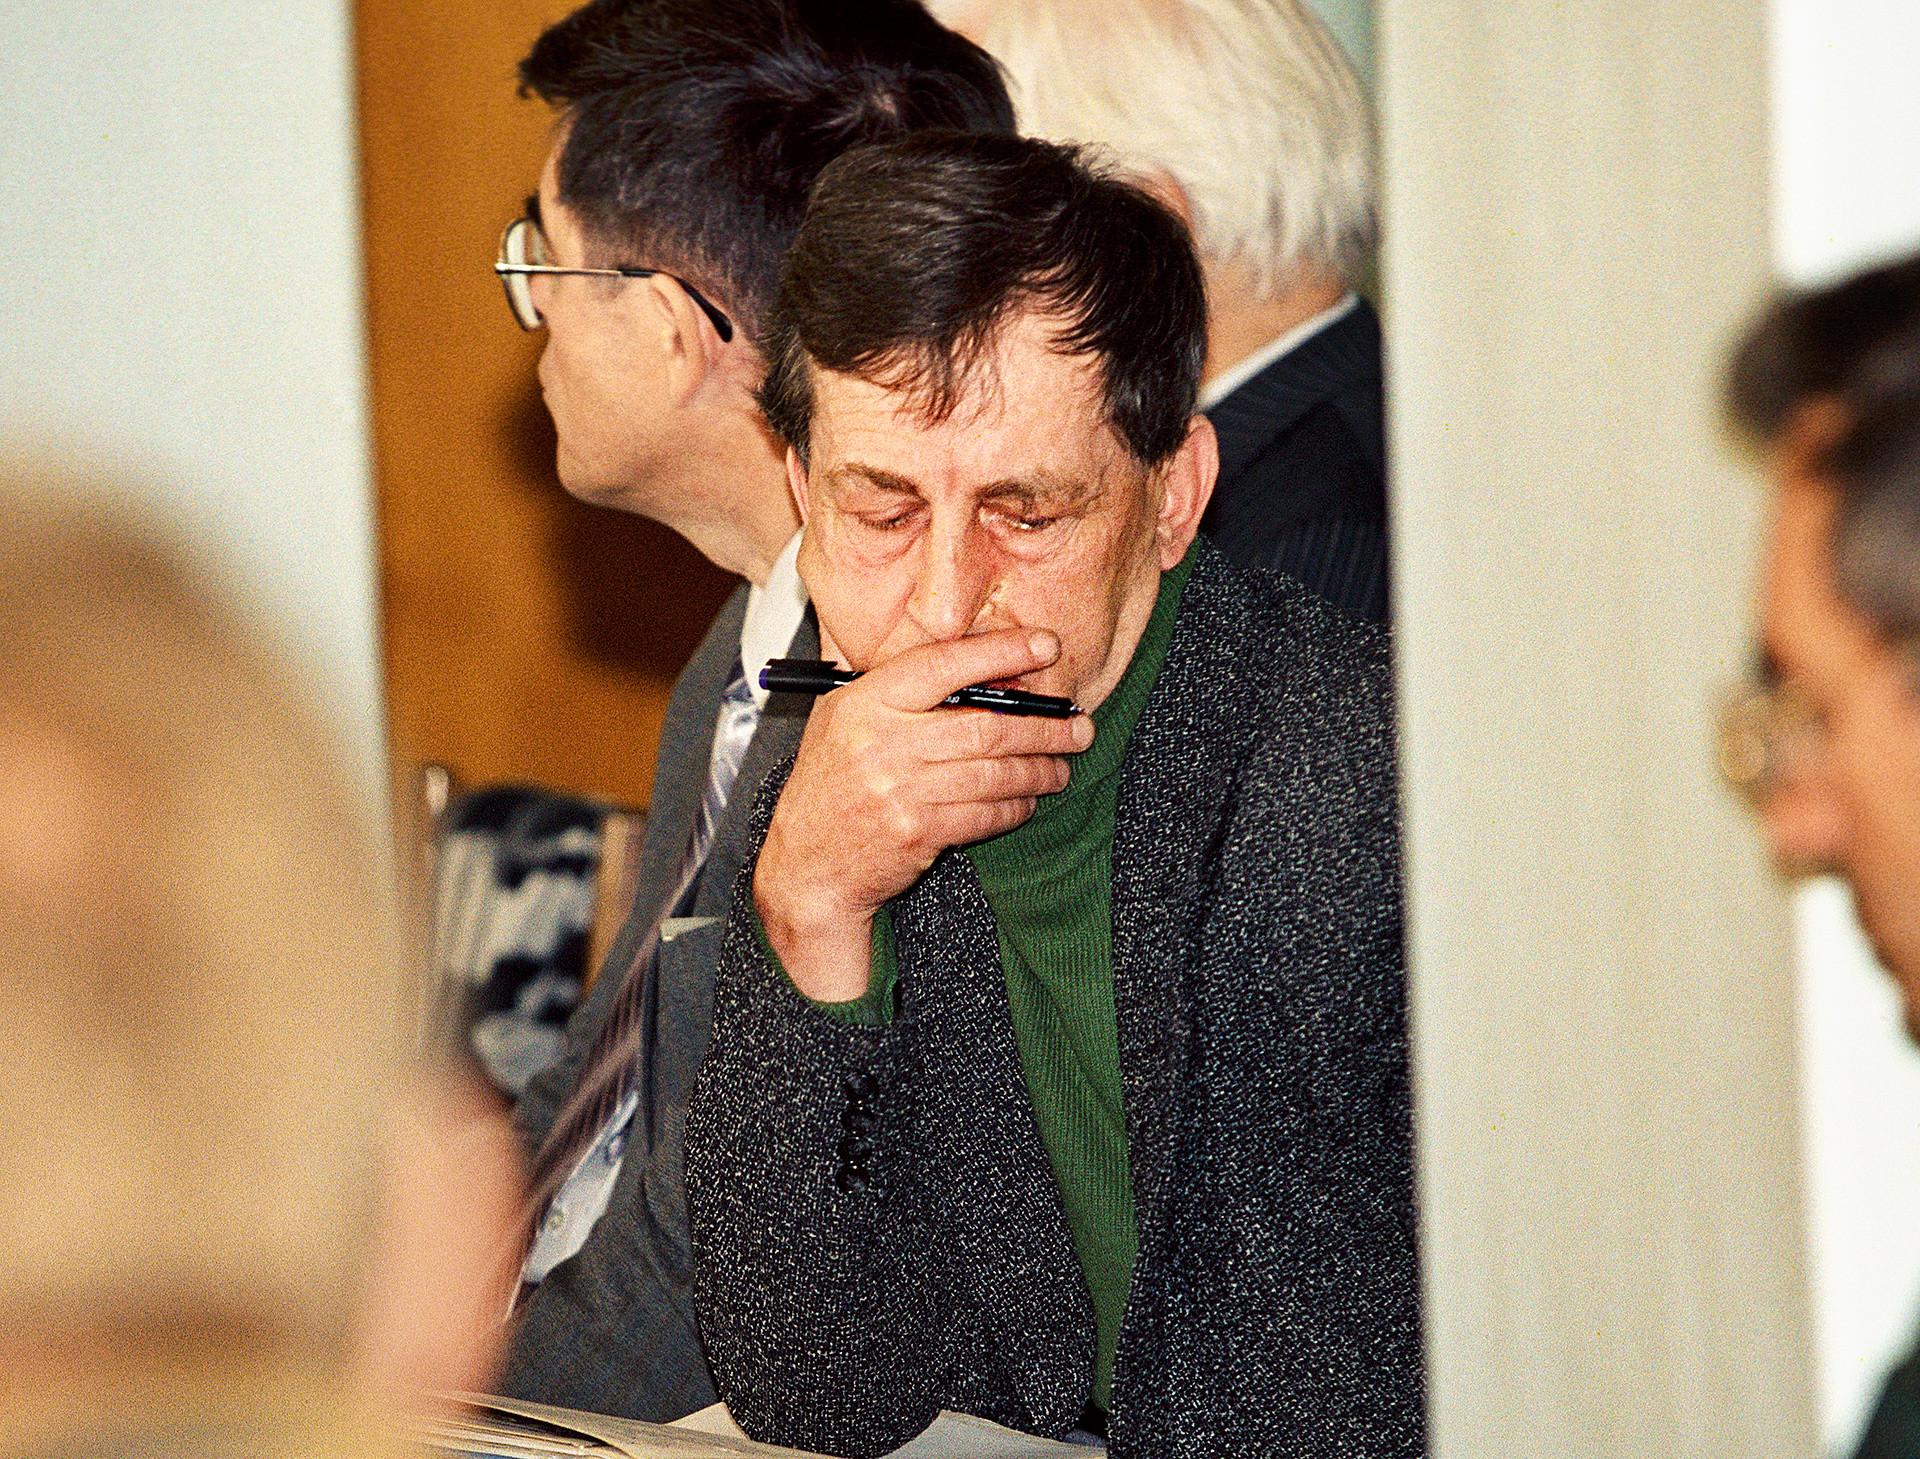 Анатолиј Бугорски, главни координатор експерименталних радова на акцелератору У-70, Институт за физику високих енергија, Протвино.